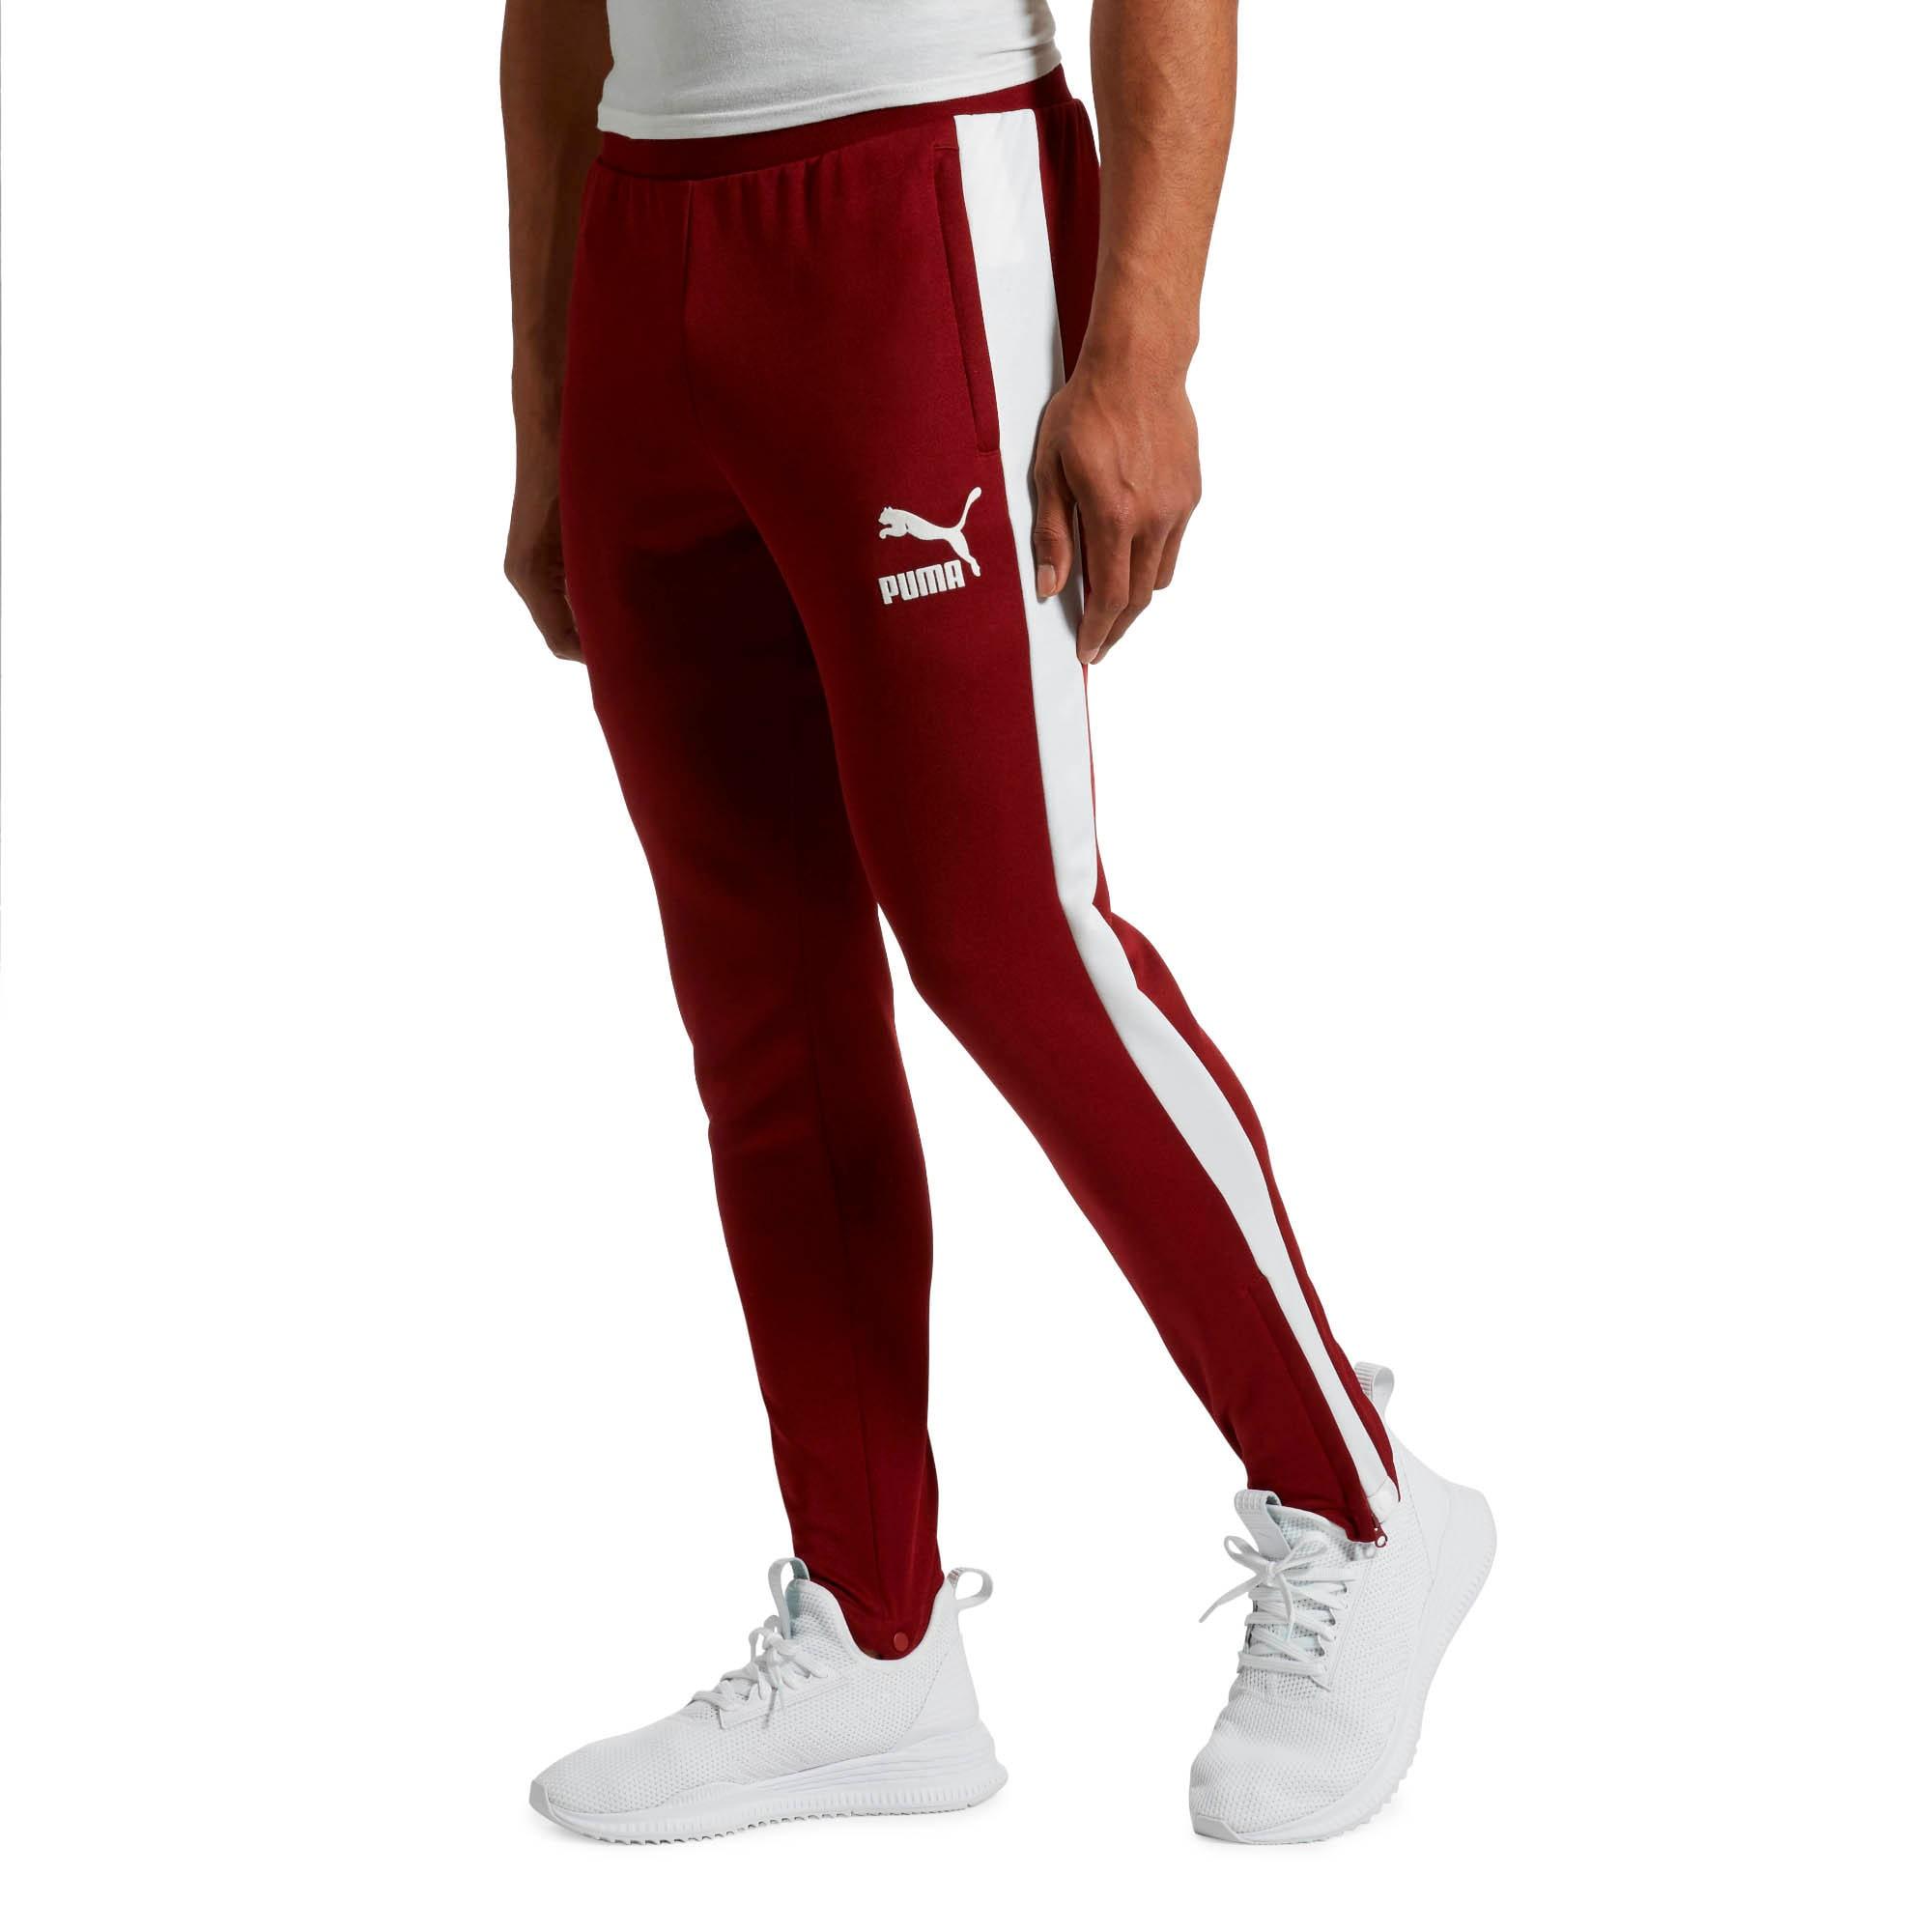 Thumbnail 2 of T7 Vintage Men's Track Pants, Pomegranate-Puma White, medium